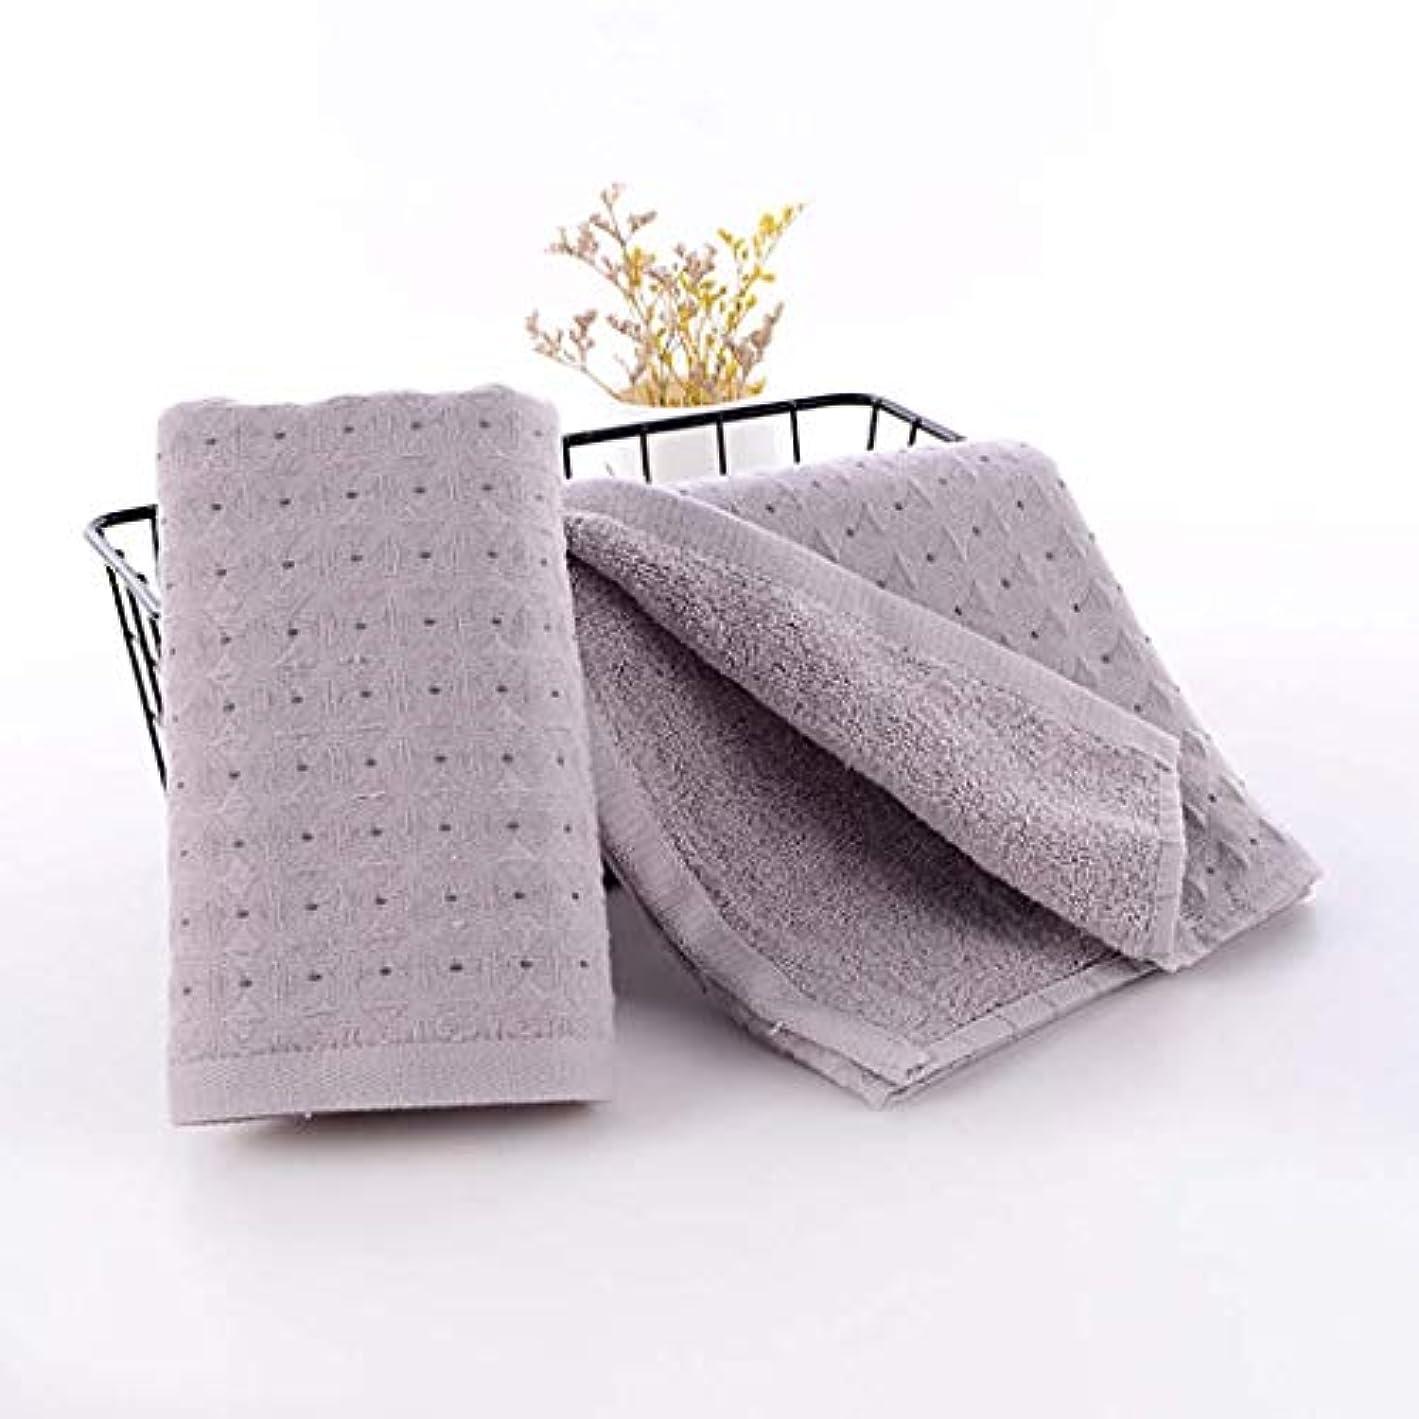 悲観的パッケージ土器綿のハンドタオルの速い乾燥したタオルの速い乾燥したタオル,Gray,34*75cm